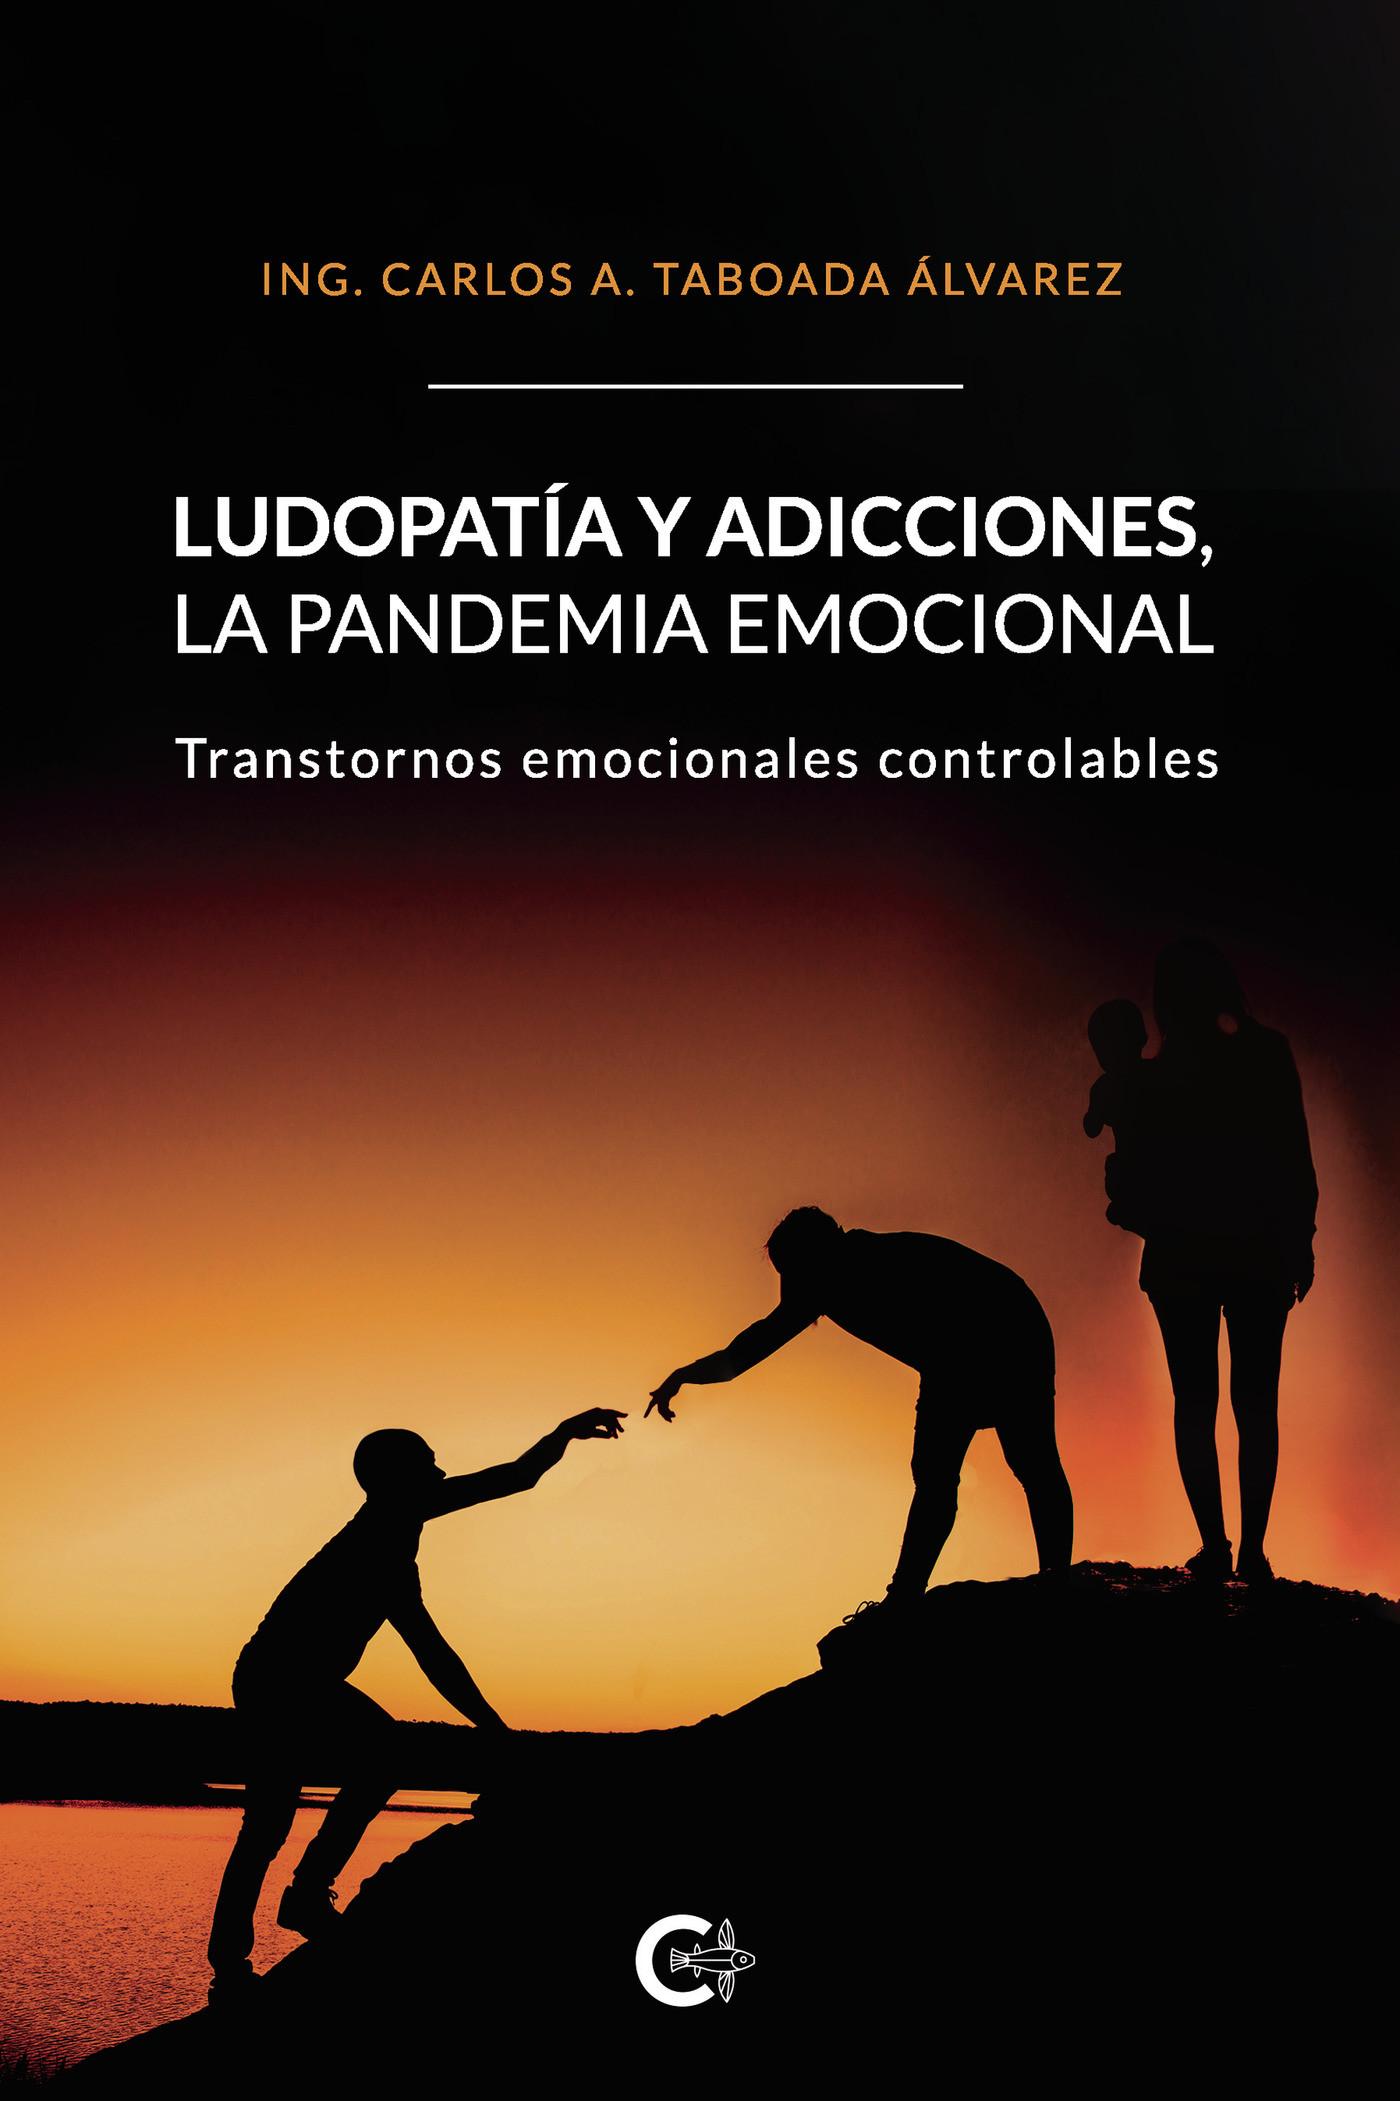 Ludopatía y adicciones, la pandemia emocional